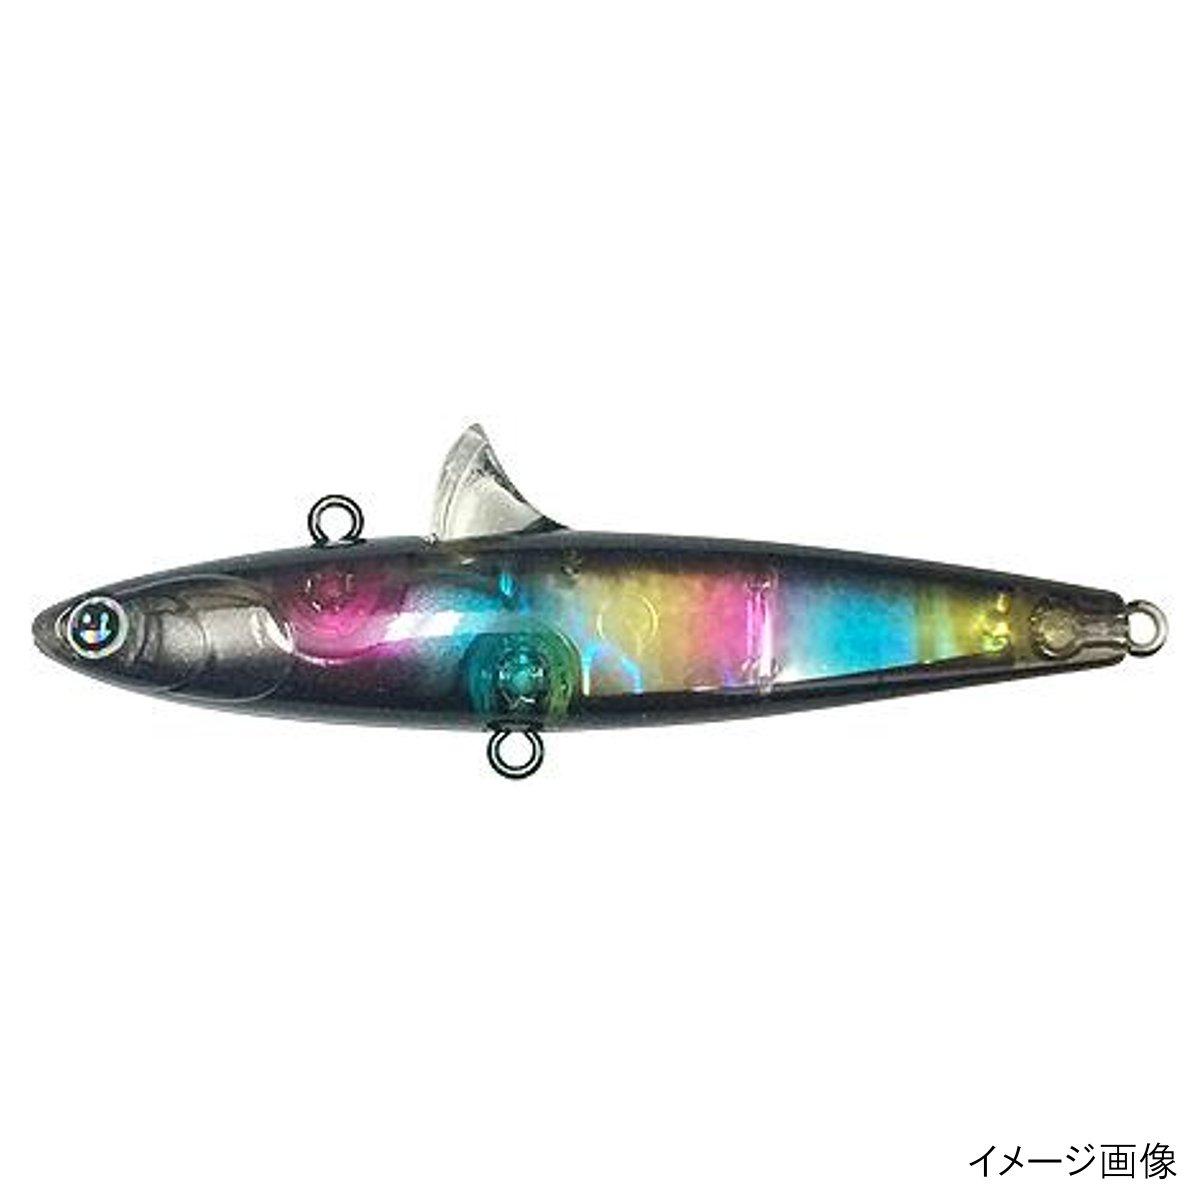 ハルシオンシステム プラム80 インナープレートモデル PPL-5(ブラックレインボー)【ゆうパケット】